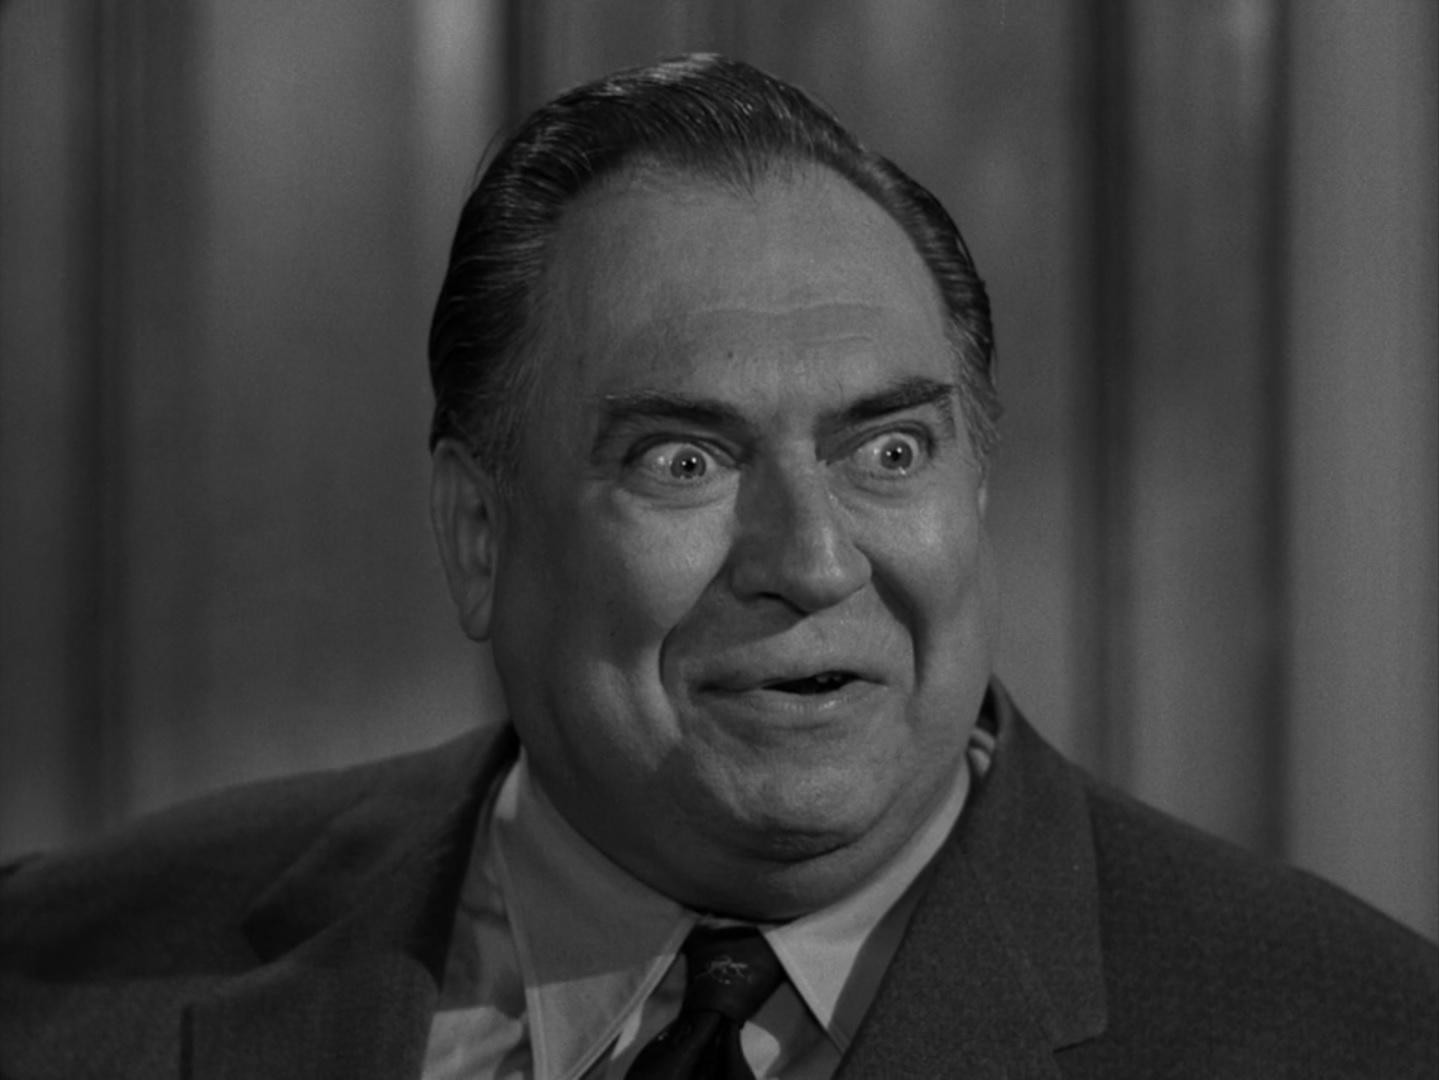 Resultado de imagen para escape clause twilight zone